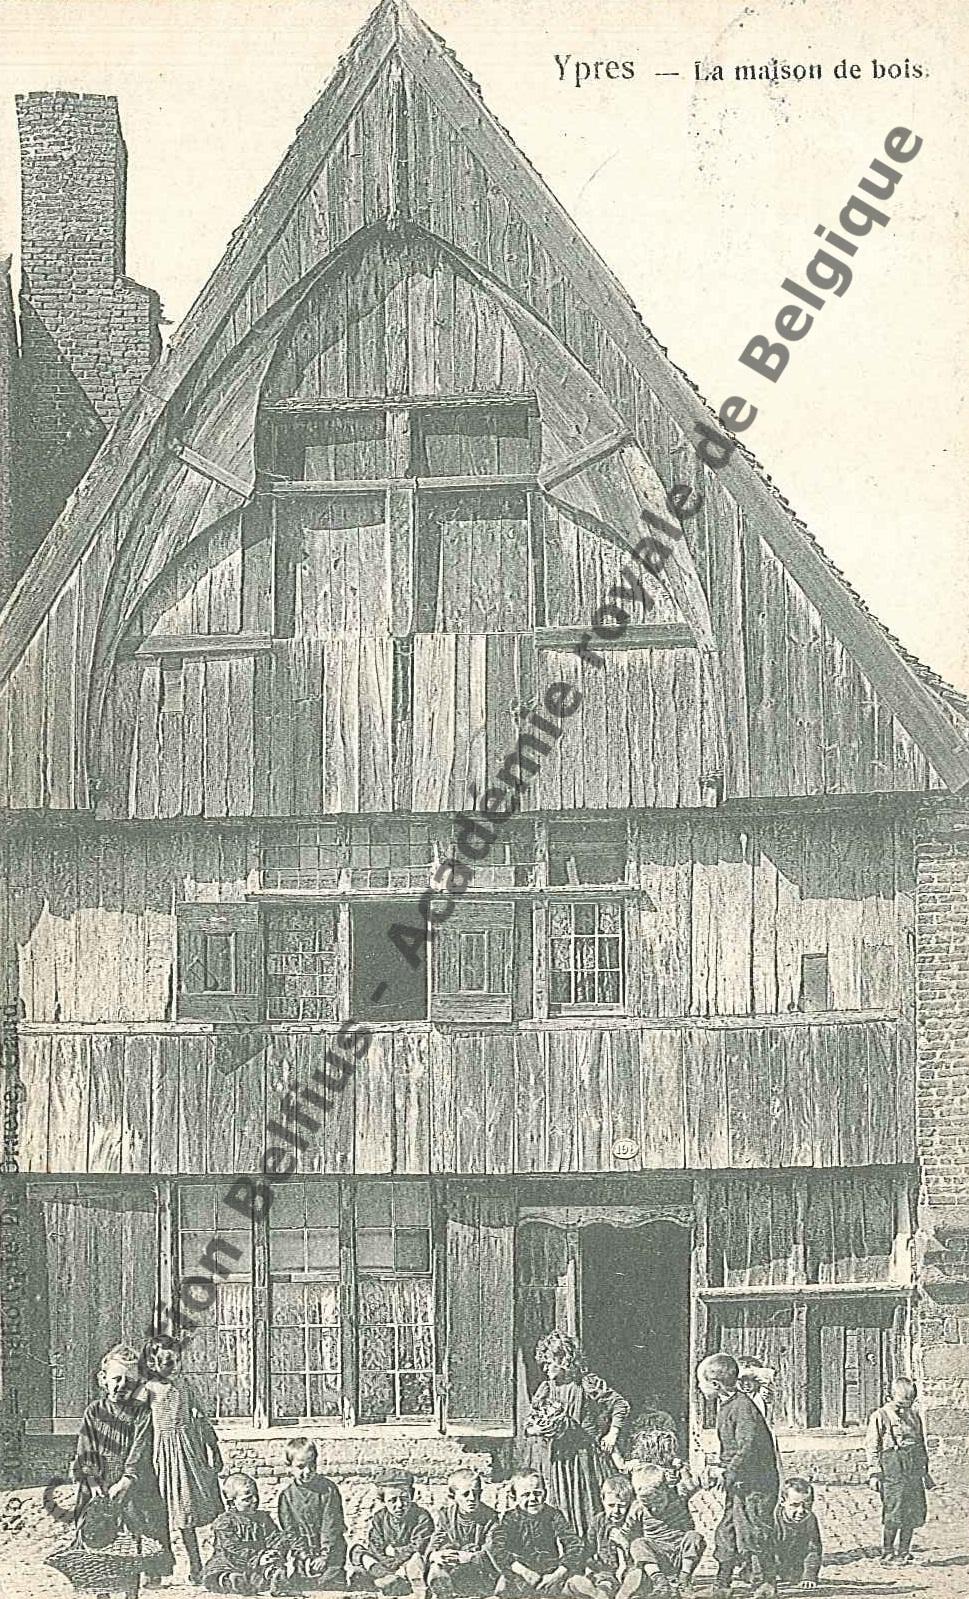 ypres la maison de bois cartes postales les tr sors de l 39 acad mie royale de belgique. Black Bedroom Furniture Sets. Home Design Ideas